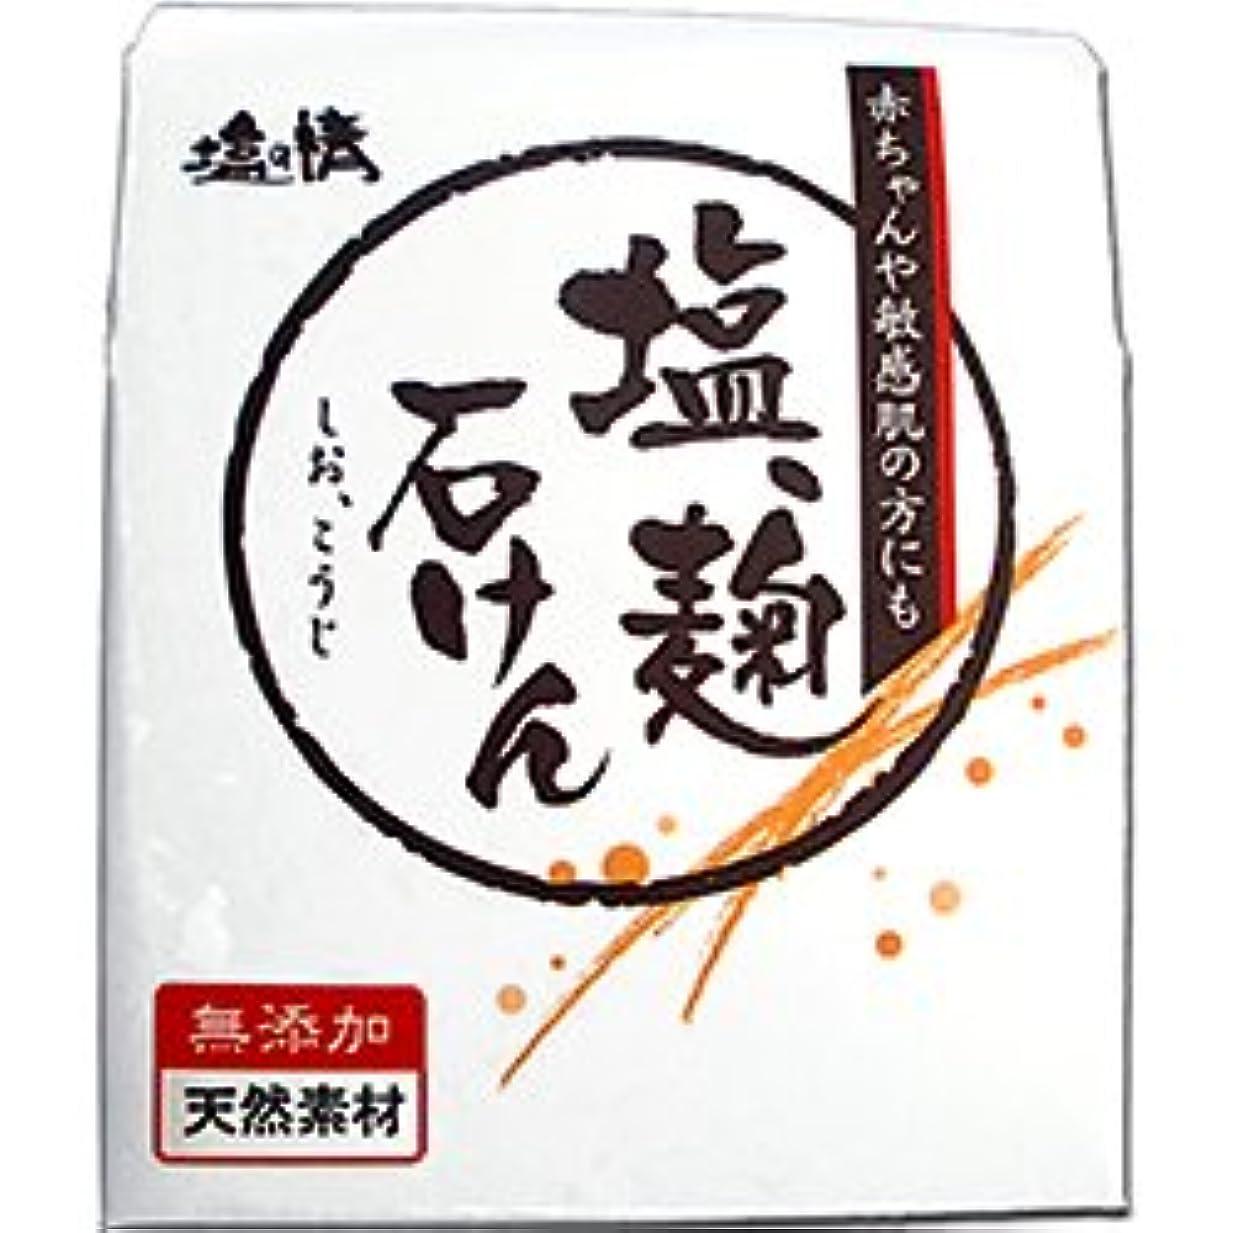 豪華な練習特権的【ダイムヘルスケア】塩の精 塩、麹石けん(しお、こうじせっけん) 無添加?天然素材 80g ×20個セット